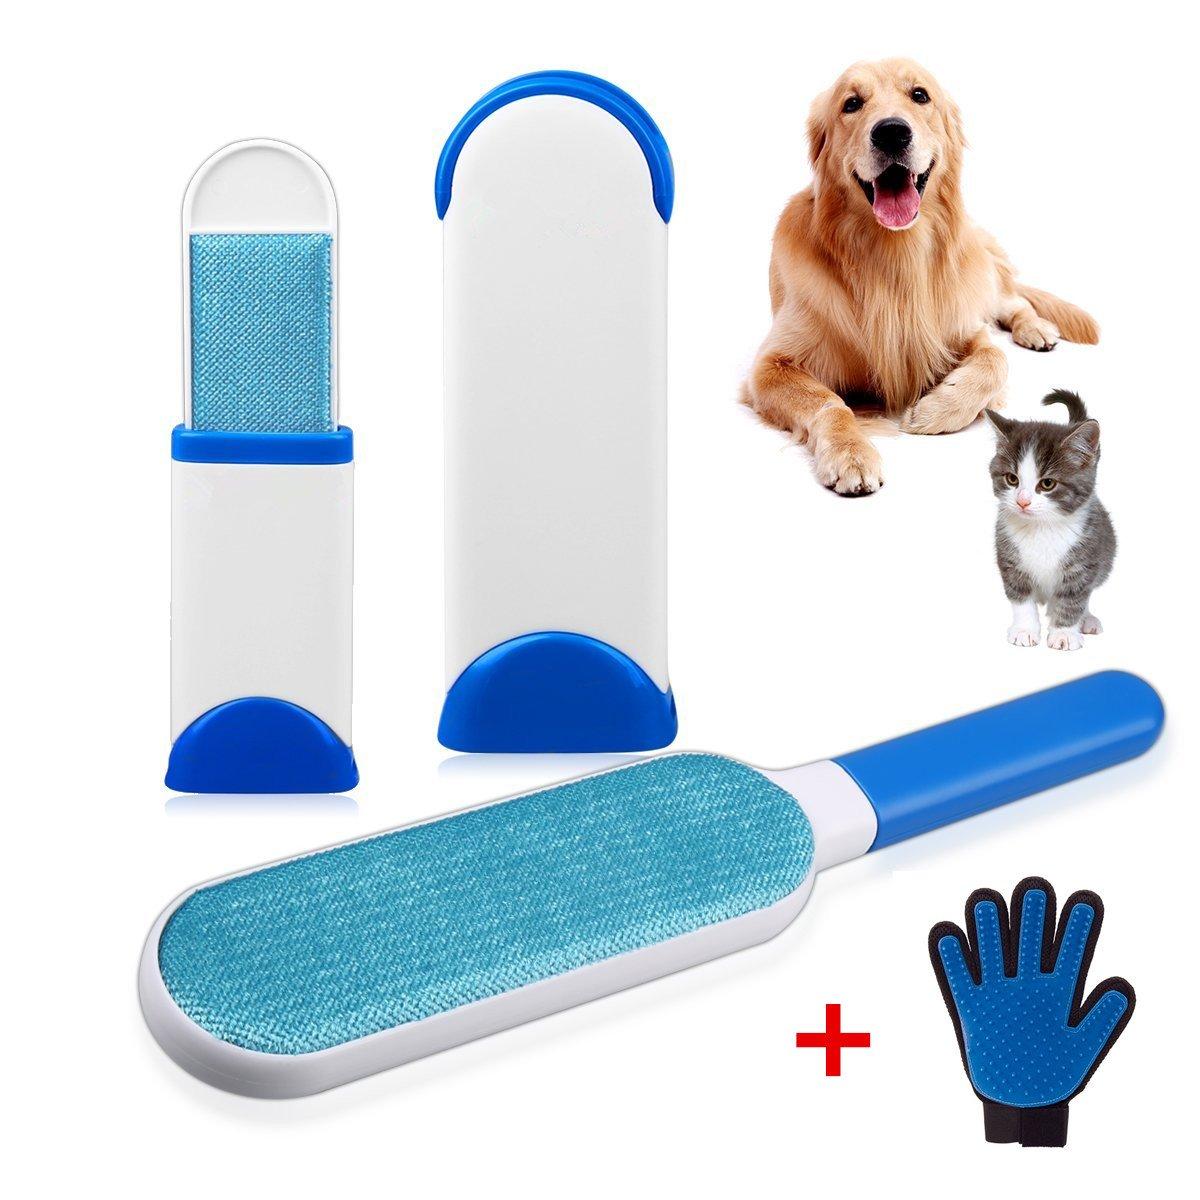 Pet Fur Animali Cane Grande Pelz Zauberer Spazzola Blu Cappotto Maglione Magic Riutilizzabili Pet Hair Maglione Cappotto Wizard Pet & Lint Remover (blu) LONG JUAN FENG